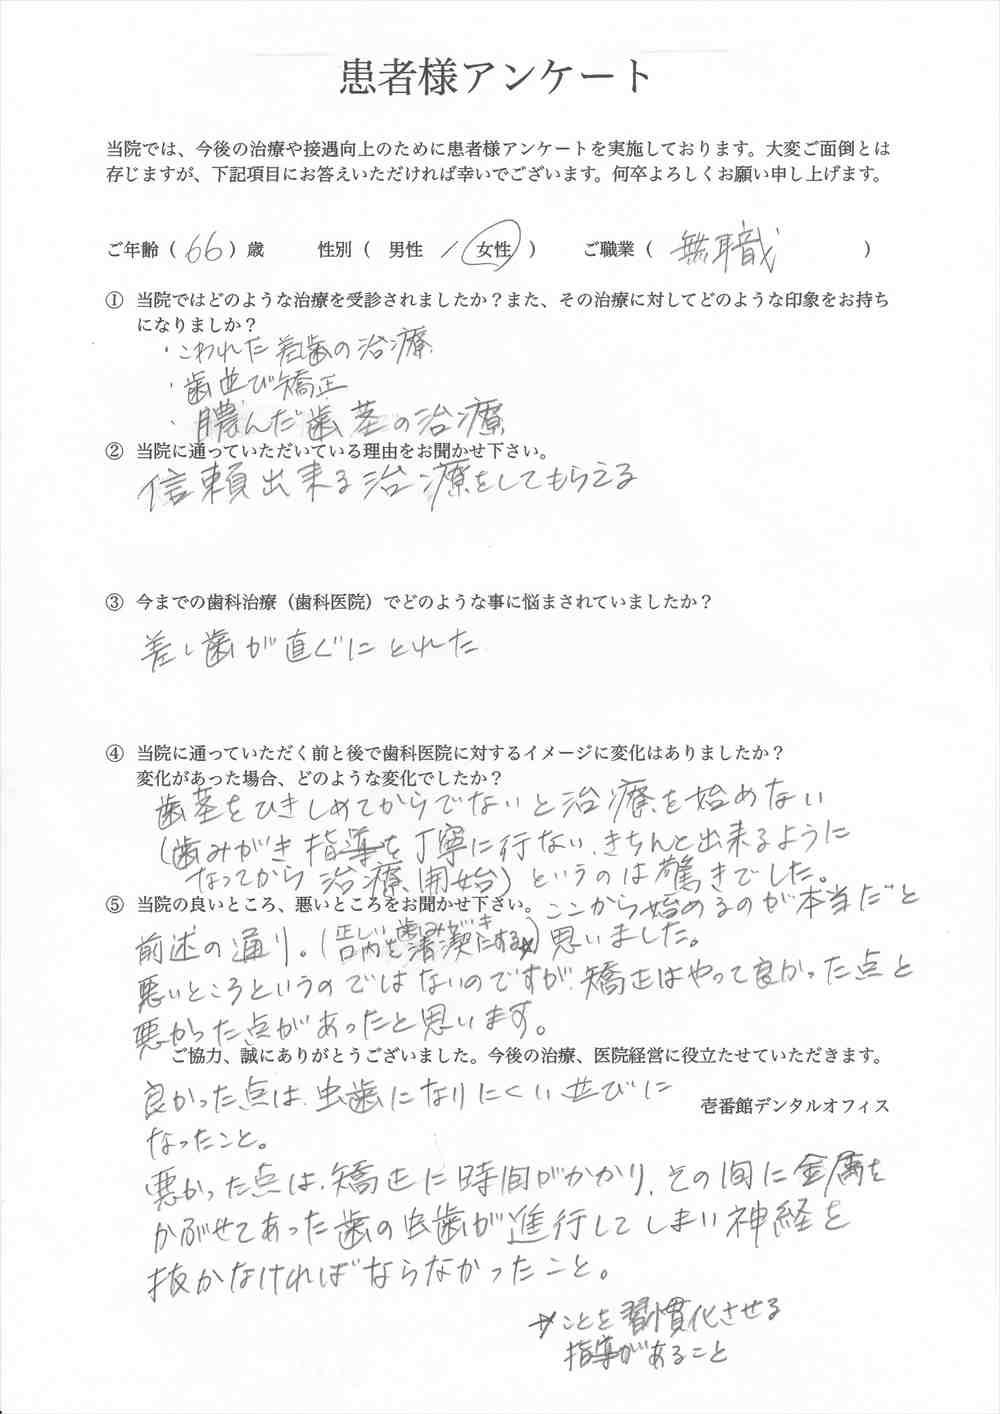 壱番館デンタルオフィス口コミ評判アンケート15